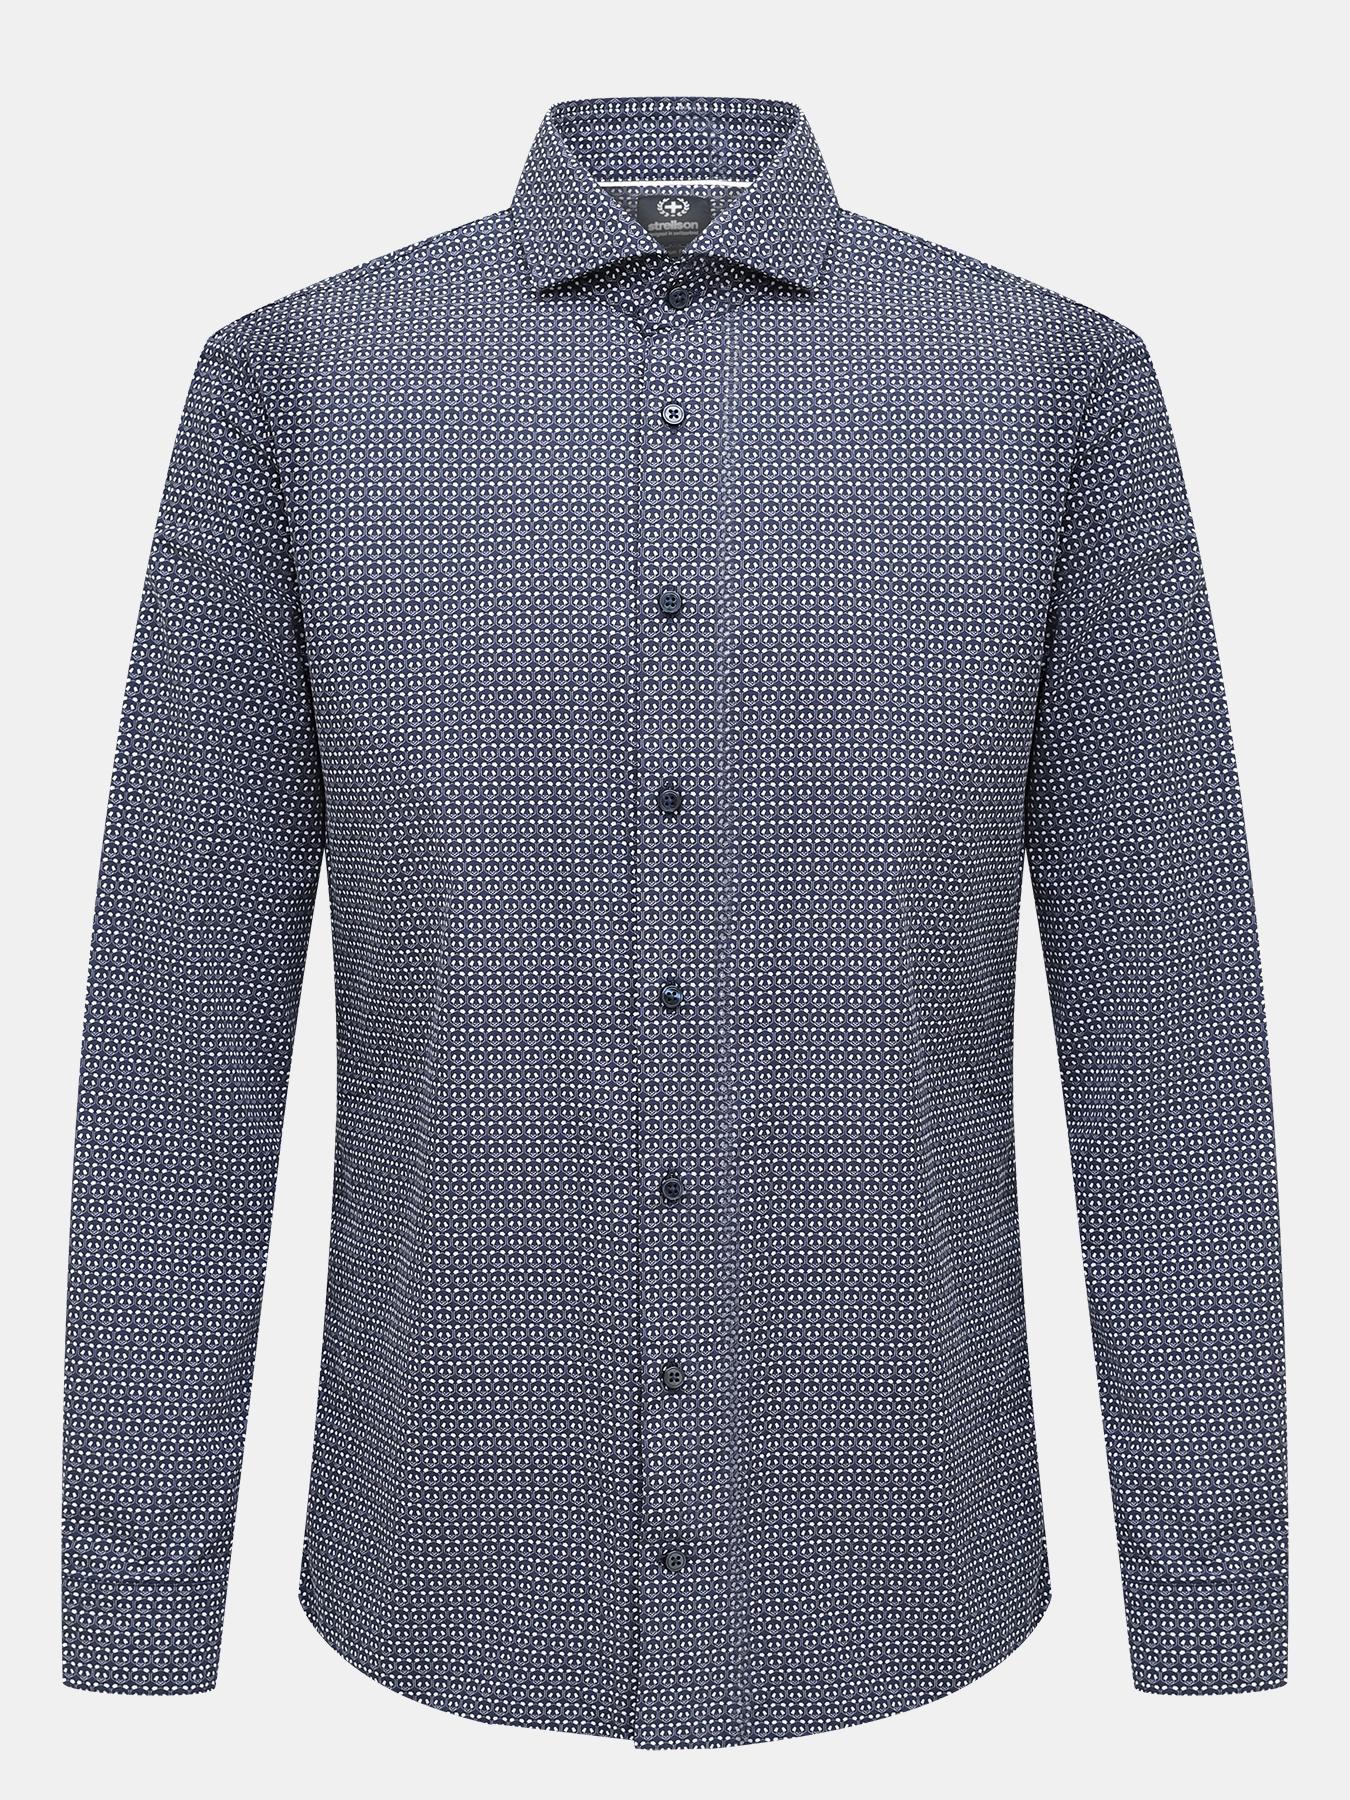 Рубашки Strellson Рубашка